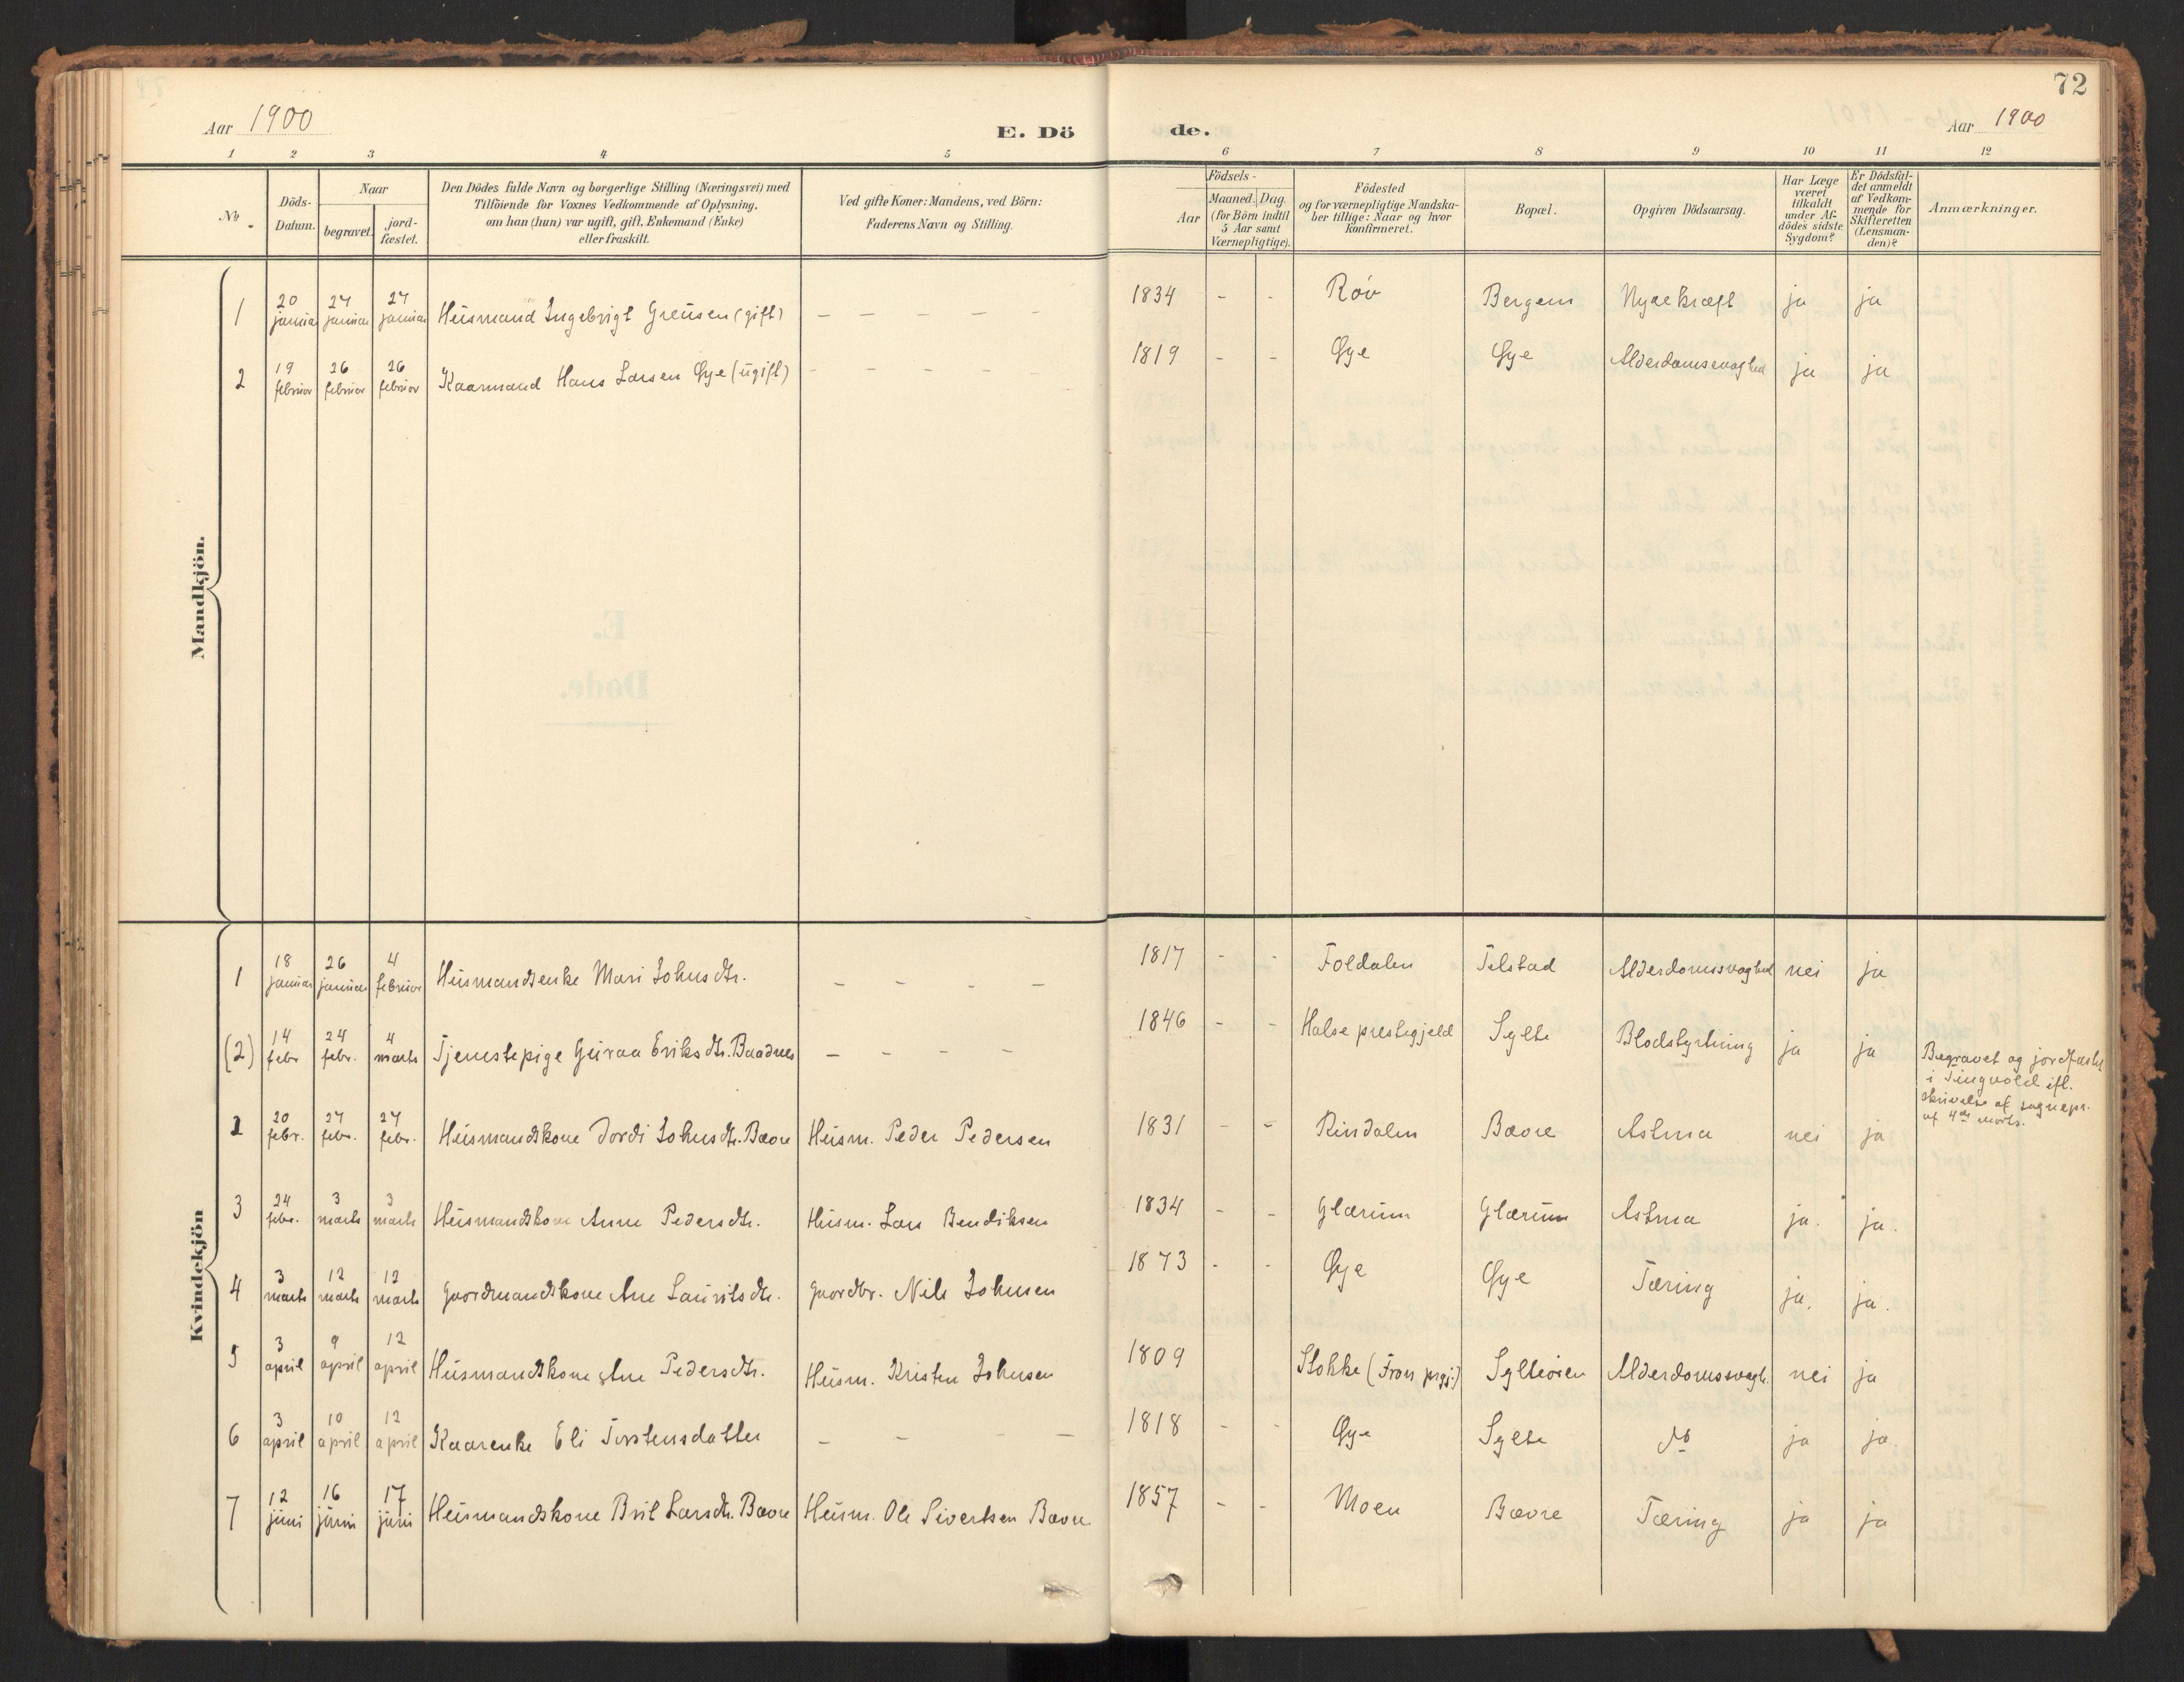 SAT, Ministerialprotokoller, klokkerbøker og fødselsregistre - Møre og Romsdal, 595/L1048: Ministerialbok nr. 595A10, 1900-1917, s. 72